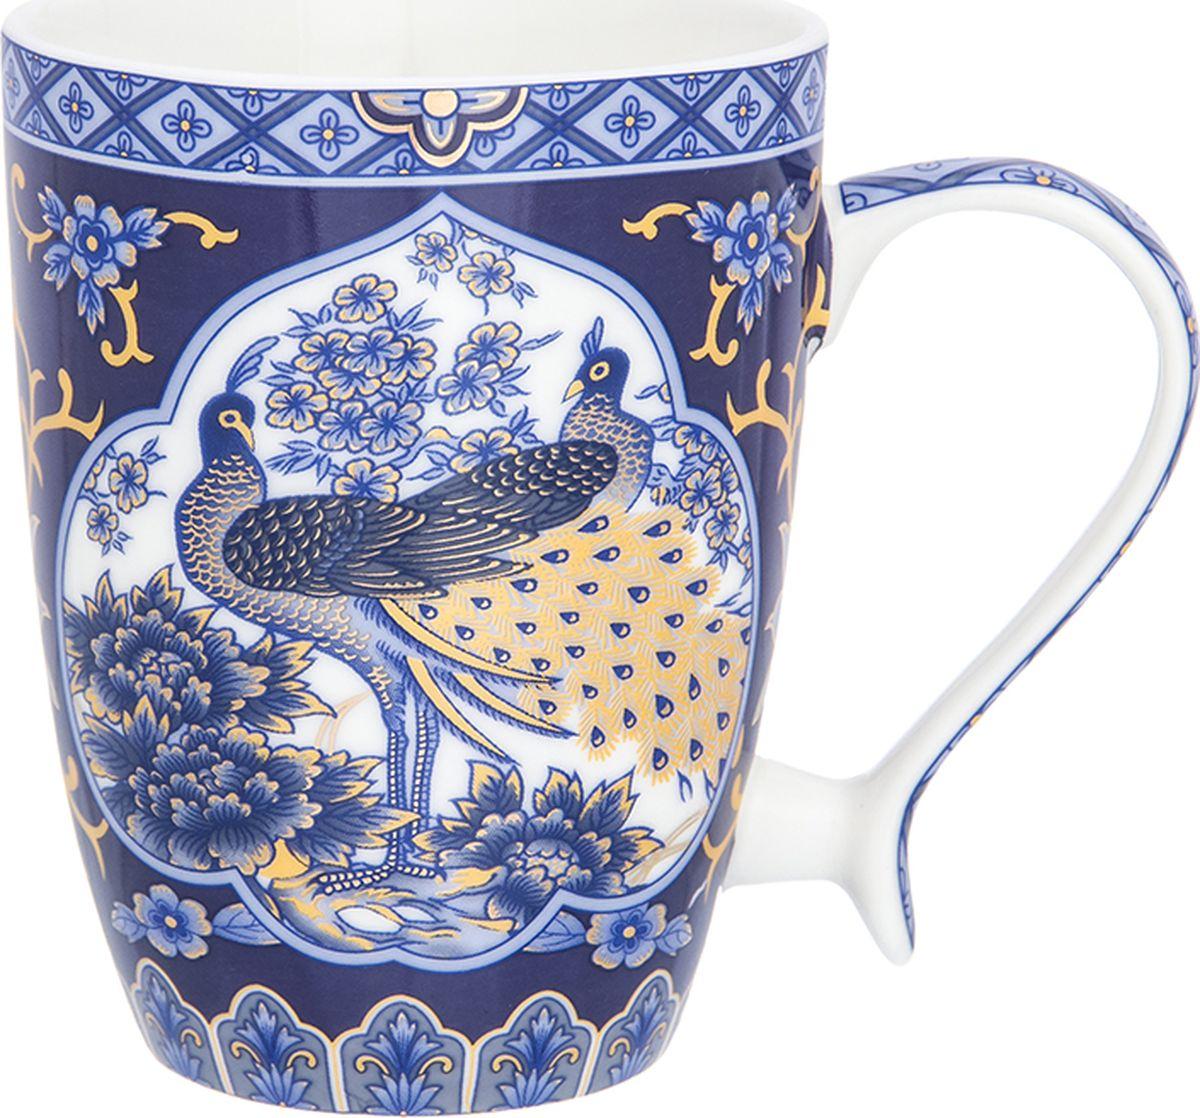 Кружка Elan Gallery Павлин синий, 300 мл. 181052181052Кружка в подарочной упаковке станет прекрасным подарком и послужит верой и правдой в повседневной жизни. Изделие имеет подарочную упаковку, поэтому станет желанным подарком для Ваших близких!